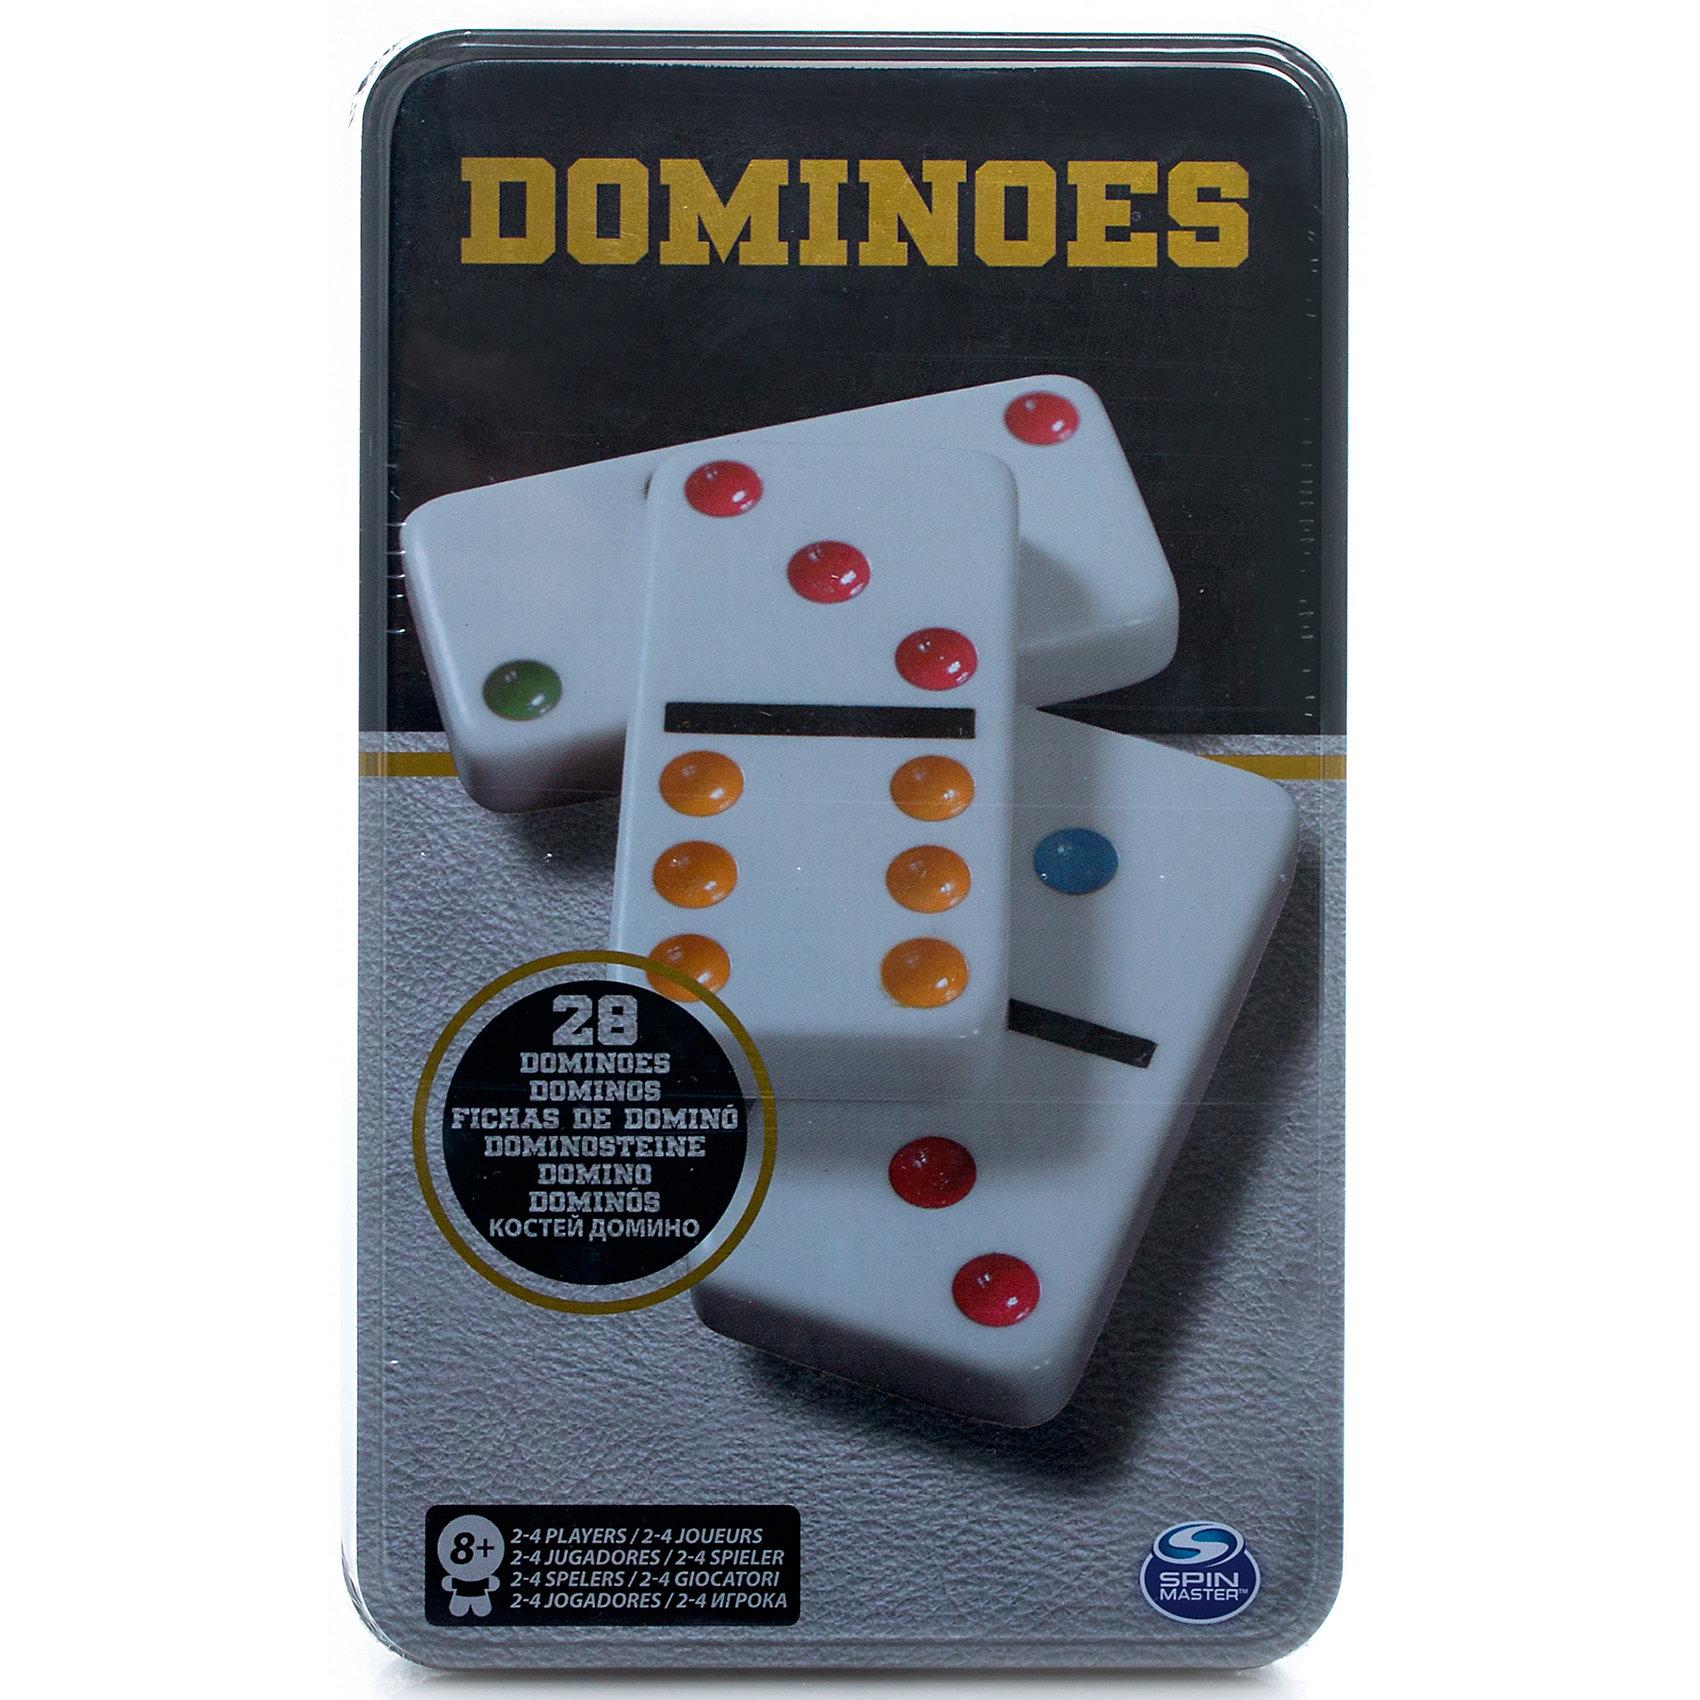 Домино, Spin MasterНастольные игры<br>Характеристики товара:<br><br>• возраст от 8 лет;<br>• материал: пластик, металл;<br>• в комплекте: 28 костей;<br>• размер упаковки 12х19х4 см;<br>• страна производитель: Китай.<br><br>Домино Spin Master позволит увлекательно и познавательно провести время в кругу семьи и друзей. Классическая игра в домино включает кости с цифрами. Во время игры участники соединяют кости по соответствующим цифровым значениям, создавая большую цепочку. В конце игры происходит подсчет значений. Игра развивает смекалку, логическое мышление, сообразительность.<br><br>Домино Spin Master можно приобрести в нашем интернет-магазине.<br><br>Ширина мм: 120<br>Глубина мм: 40<br>Высота мм: 190<br>Вес г: 597<br>Возраст от месяцев: 96<br>Возраст до месяцев: 2147483647<br>Пол: Унисекс<br>Возраст: Детский<br>SKU: 6728770